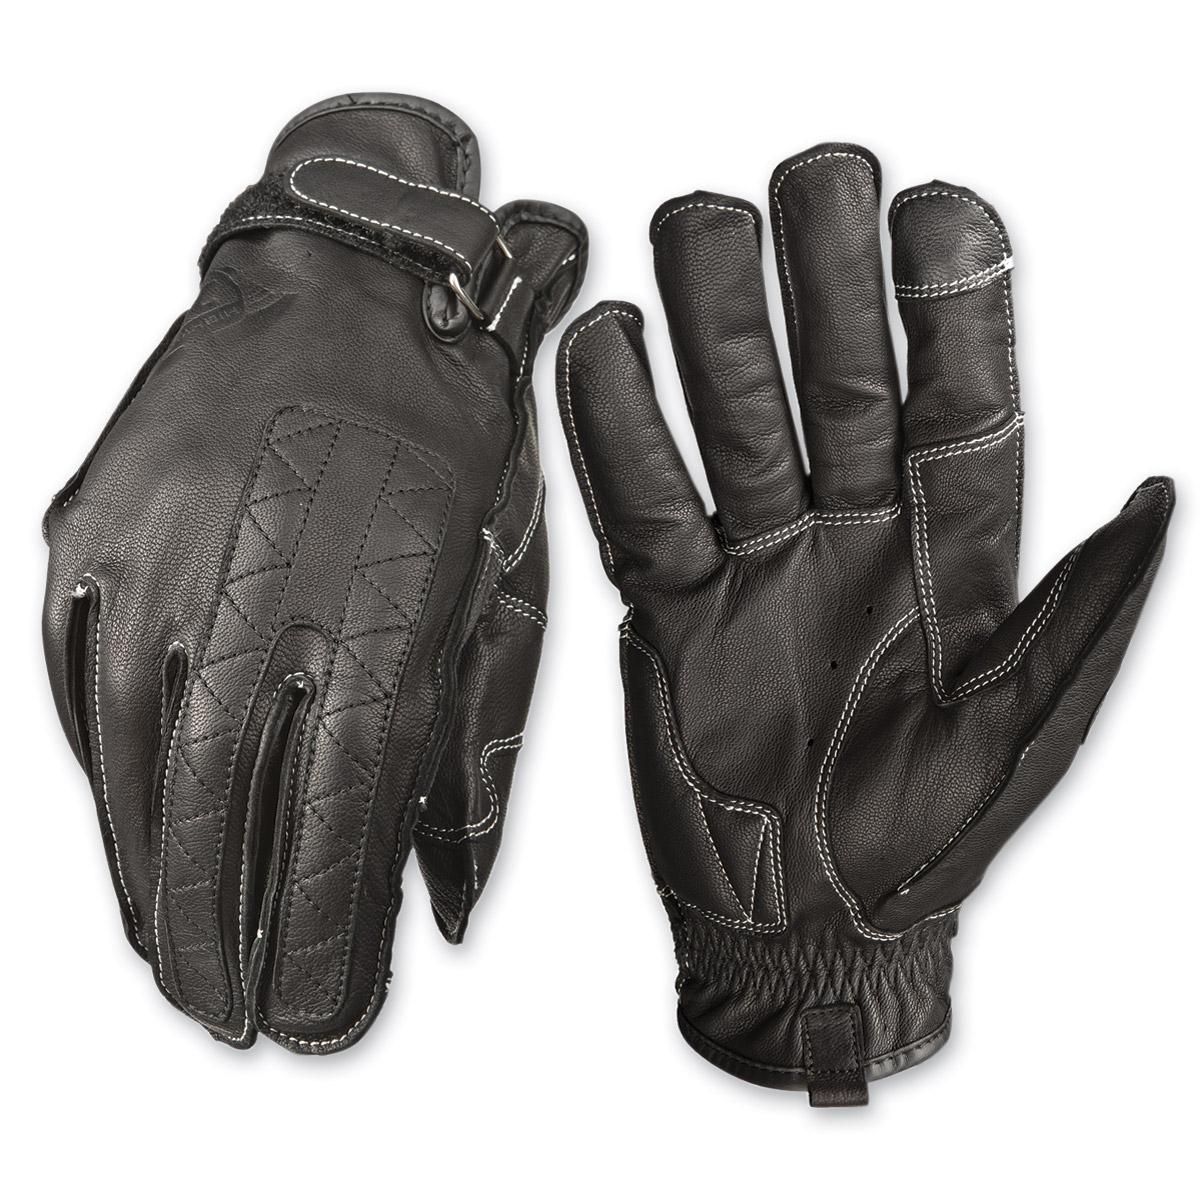 Highway 21 Men's Pitt Black Leather Gloves